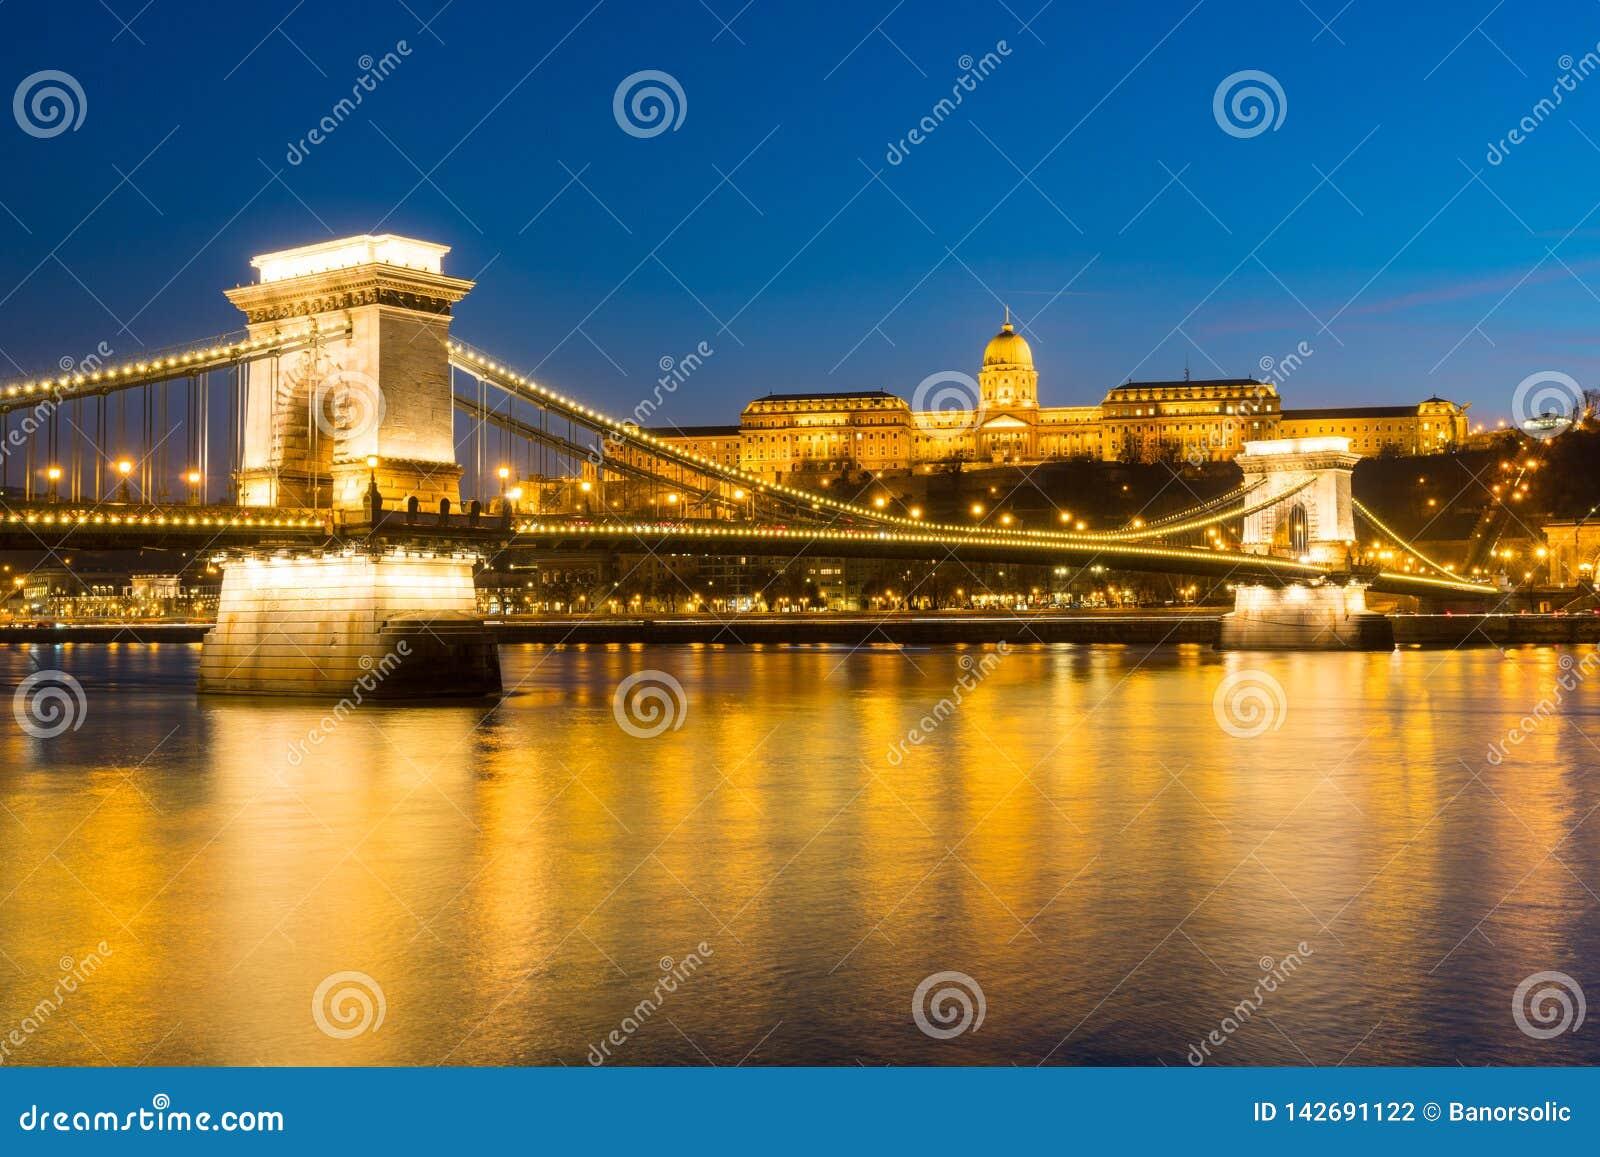 Hängebrücke über der Donau bei Sonnenuntergang in Budapest, Ungarn